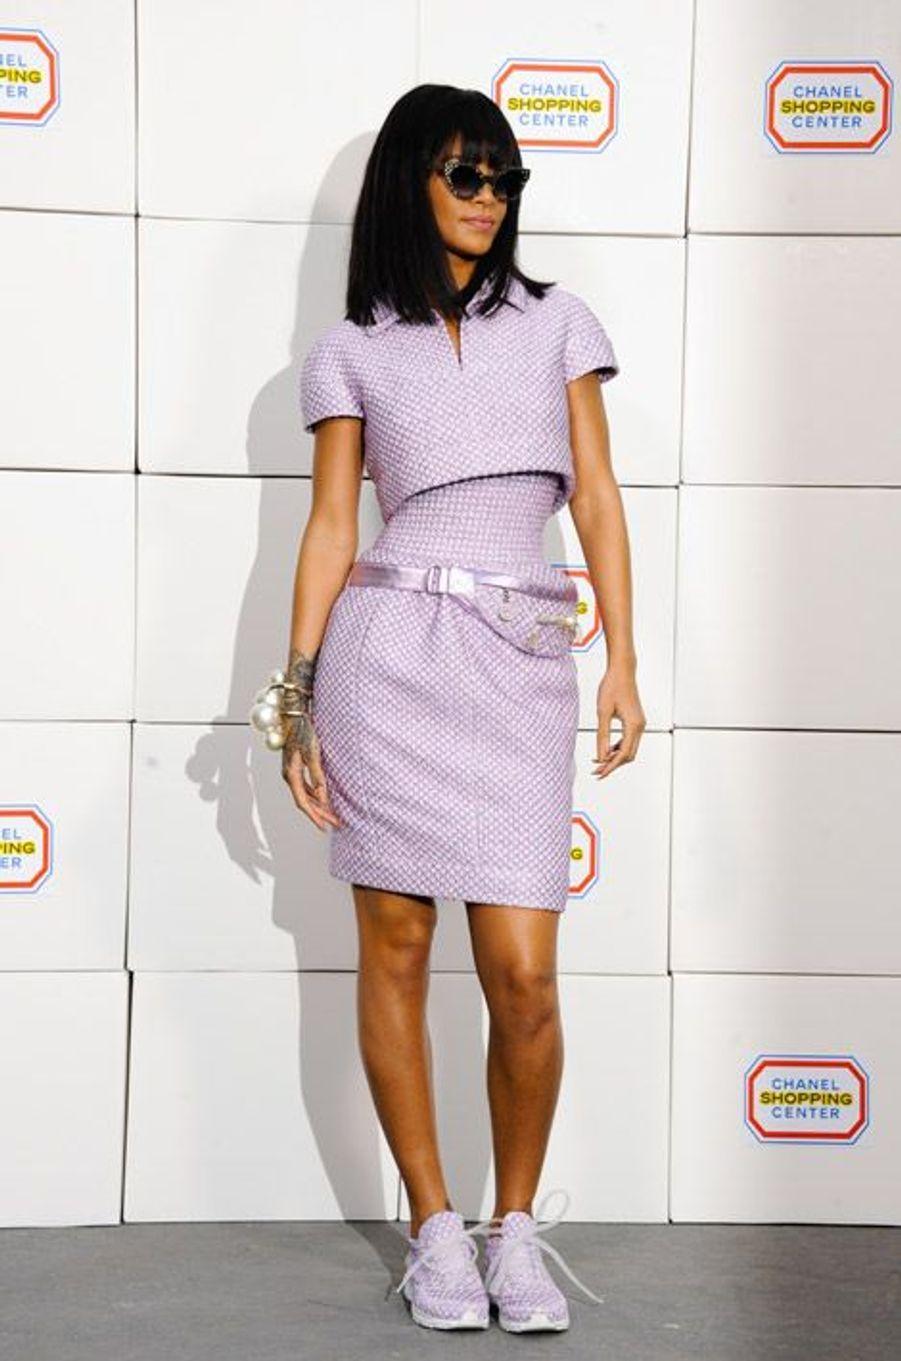 Les baskets: Rihanna lors du défilé Chanel automne-hiver 2014-2015 à Paris, le 4 mars 2014